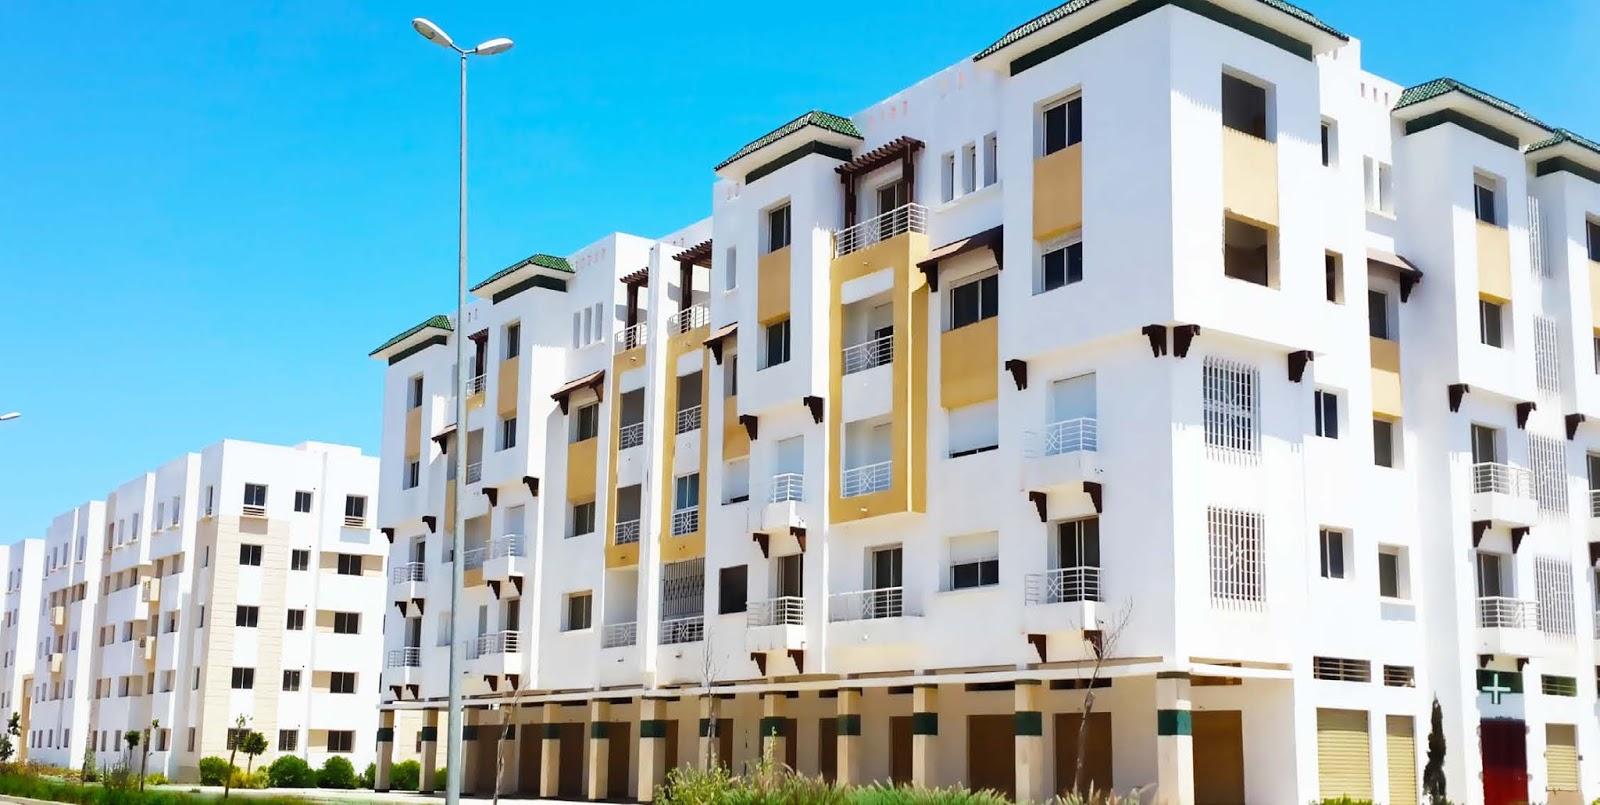 الوثائق المطلوبة لرفع رهن شقق السكن الاقتصادي